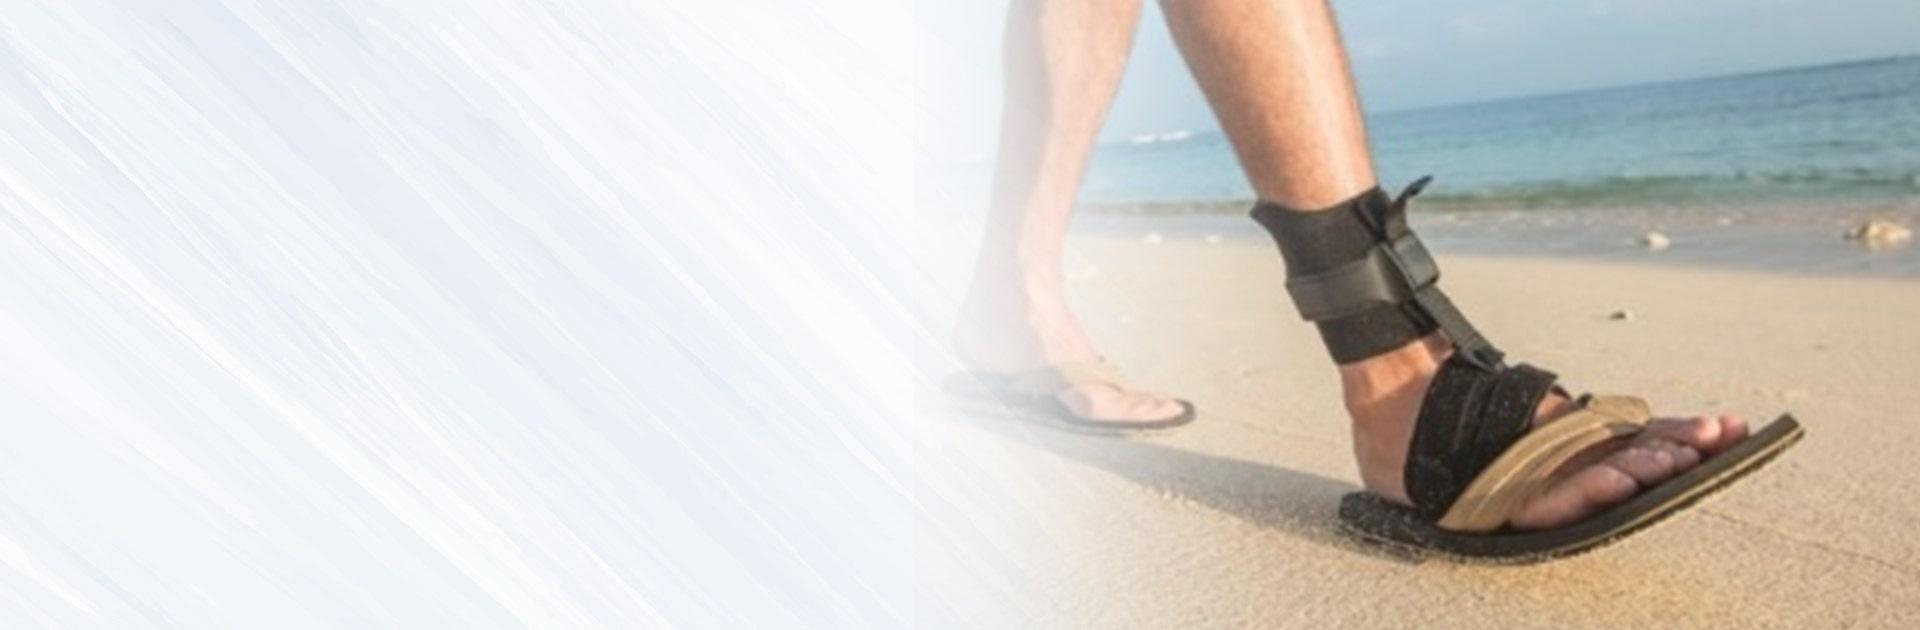 Foot Drop (Ankle Foot Orthosis)